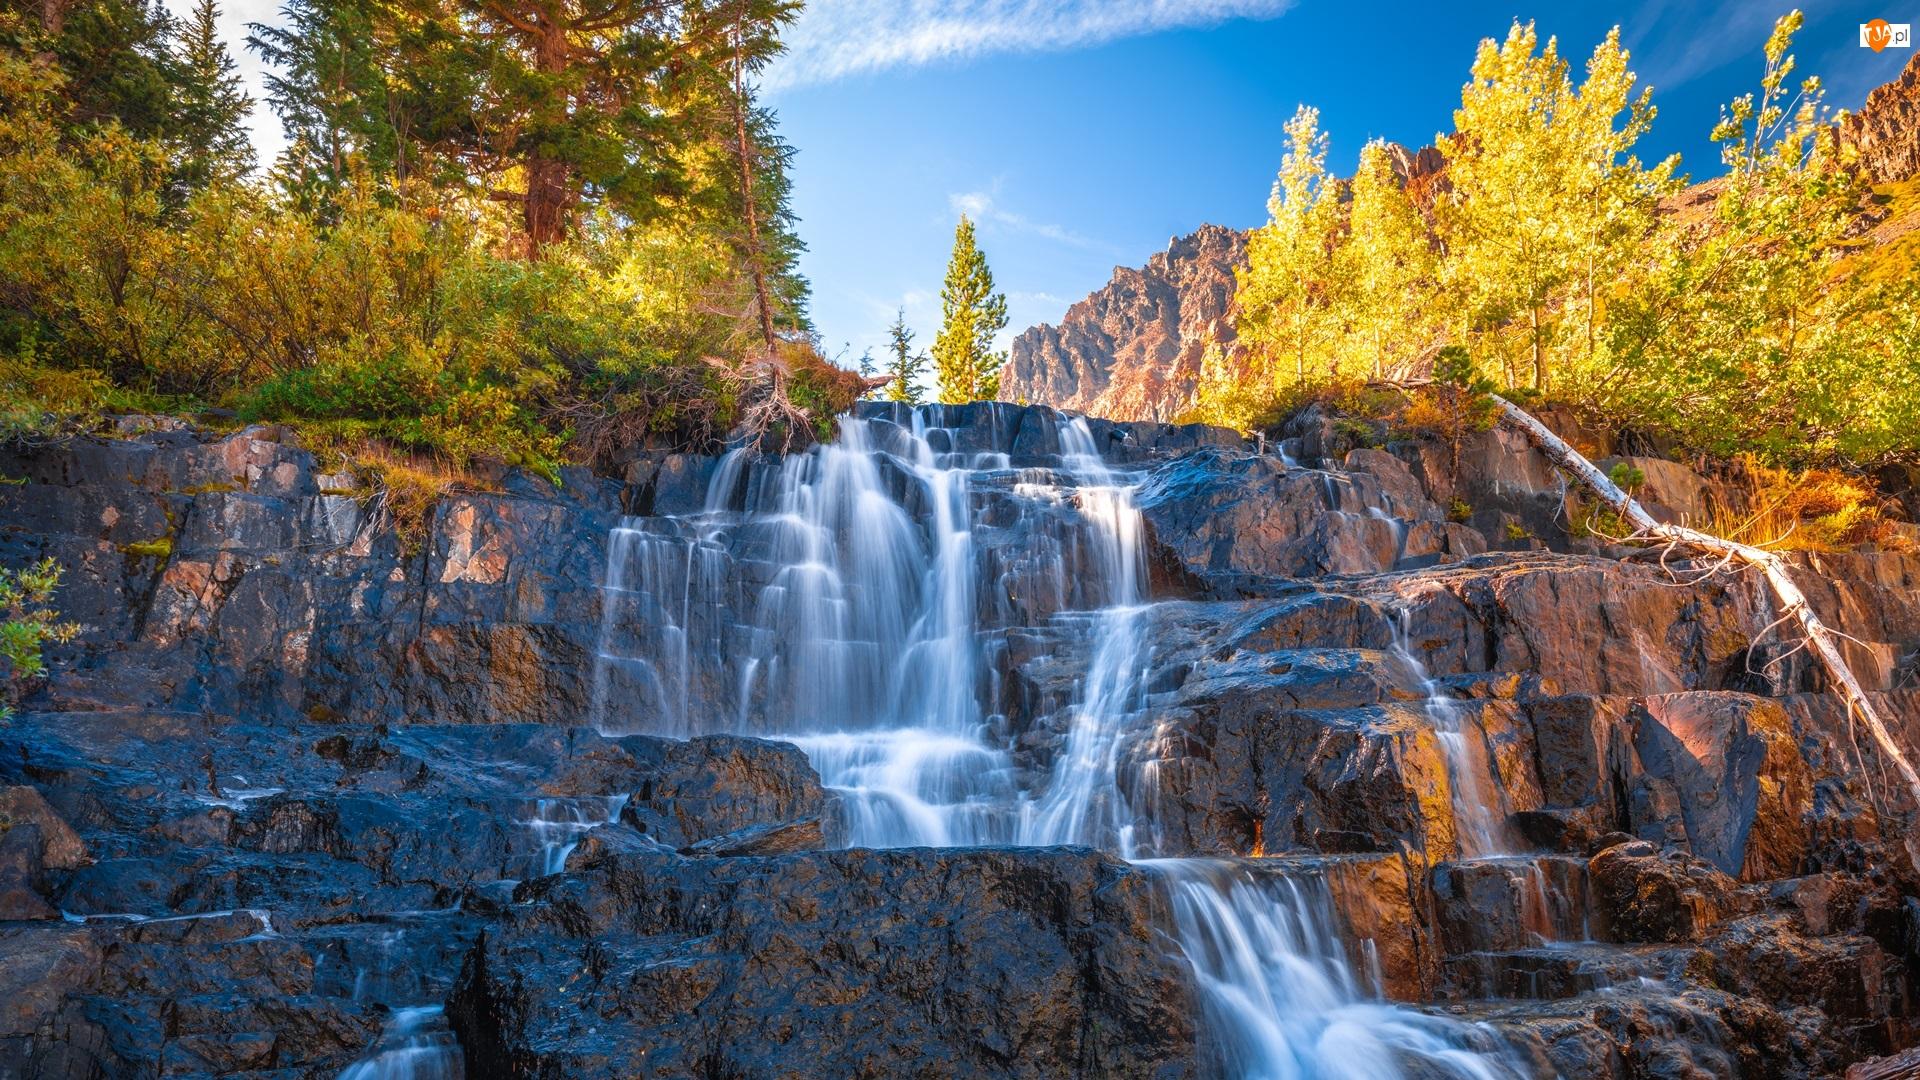 Drzewa, Jesień, Skały, Wodospad, Krzewy